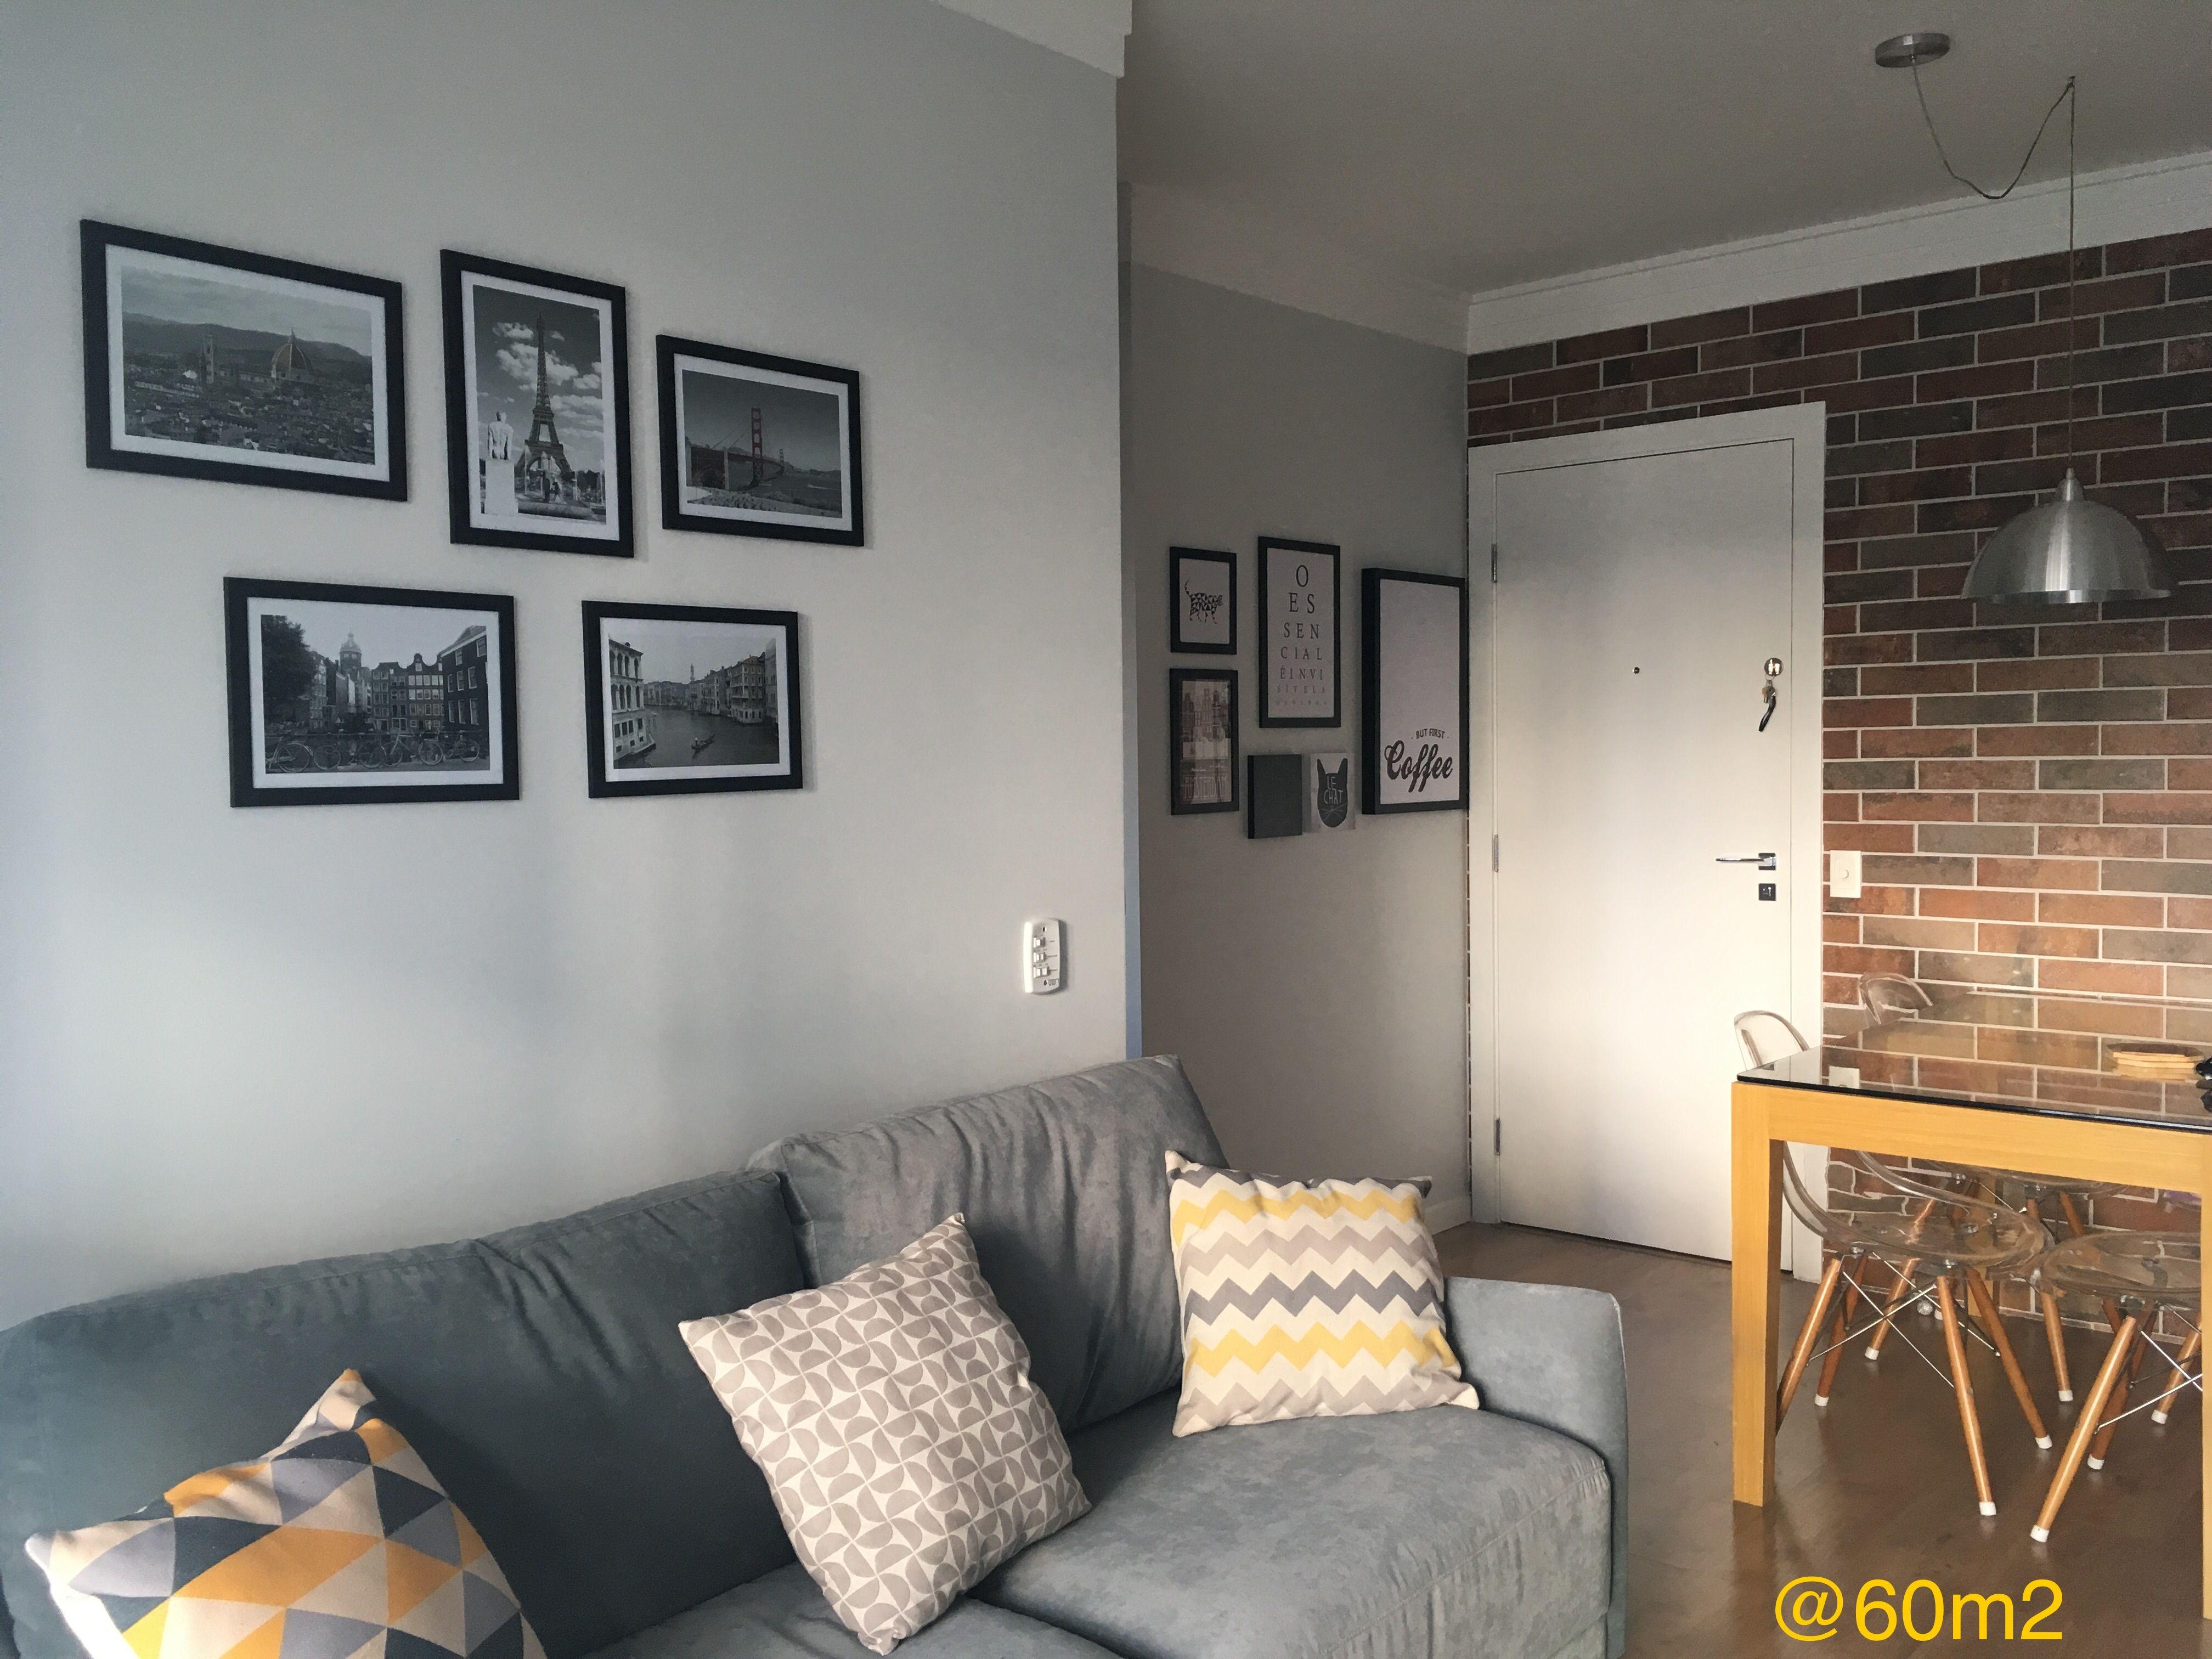 Sala Pequena Apartamento 60m2 Paredes Cinza Moldura De Gesso  -> Gesso Para Sala De Estar Pequena